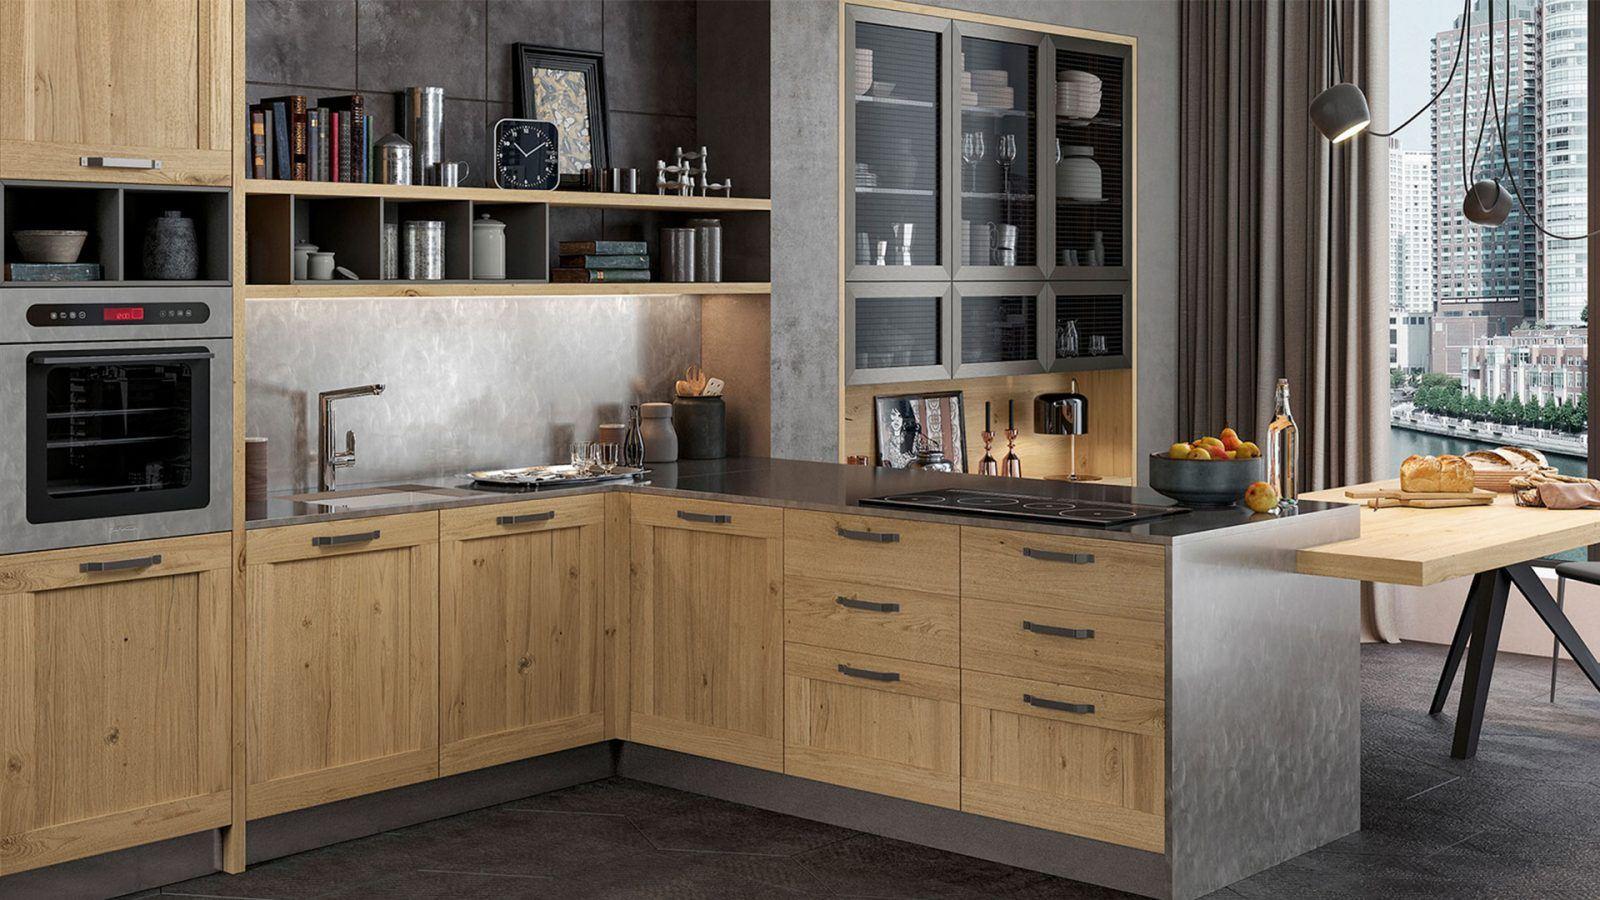 Mobili design offerta bergamo mobili cucina in offerta e su misura scarpellini a cucine su - Cucina su misura prezzi ...